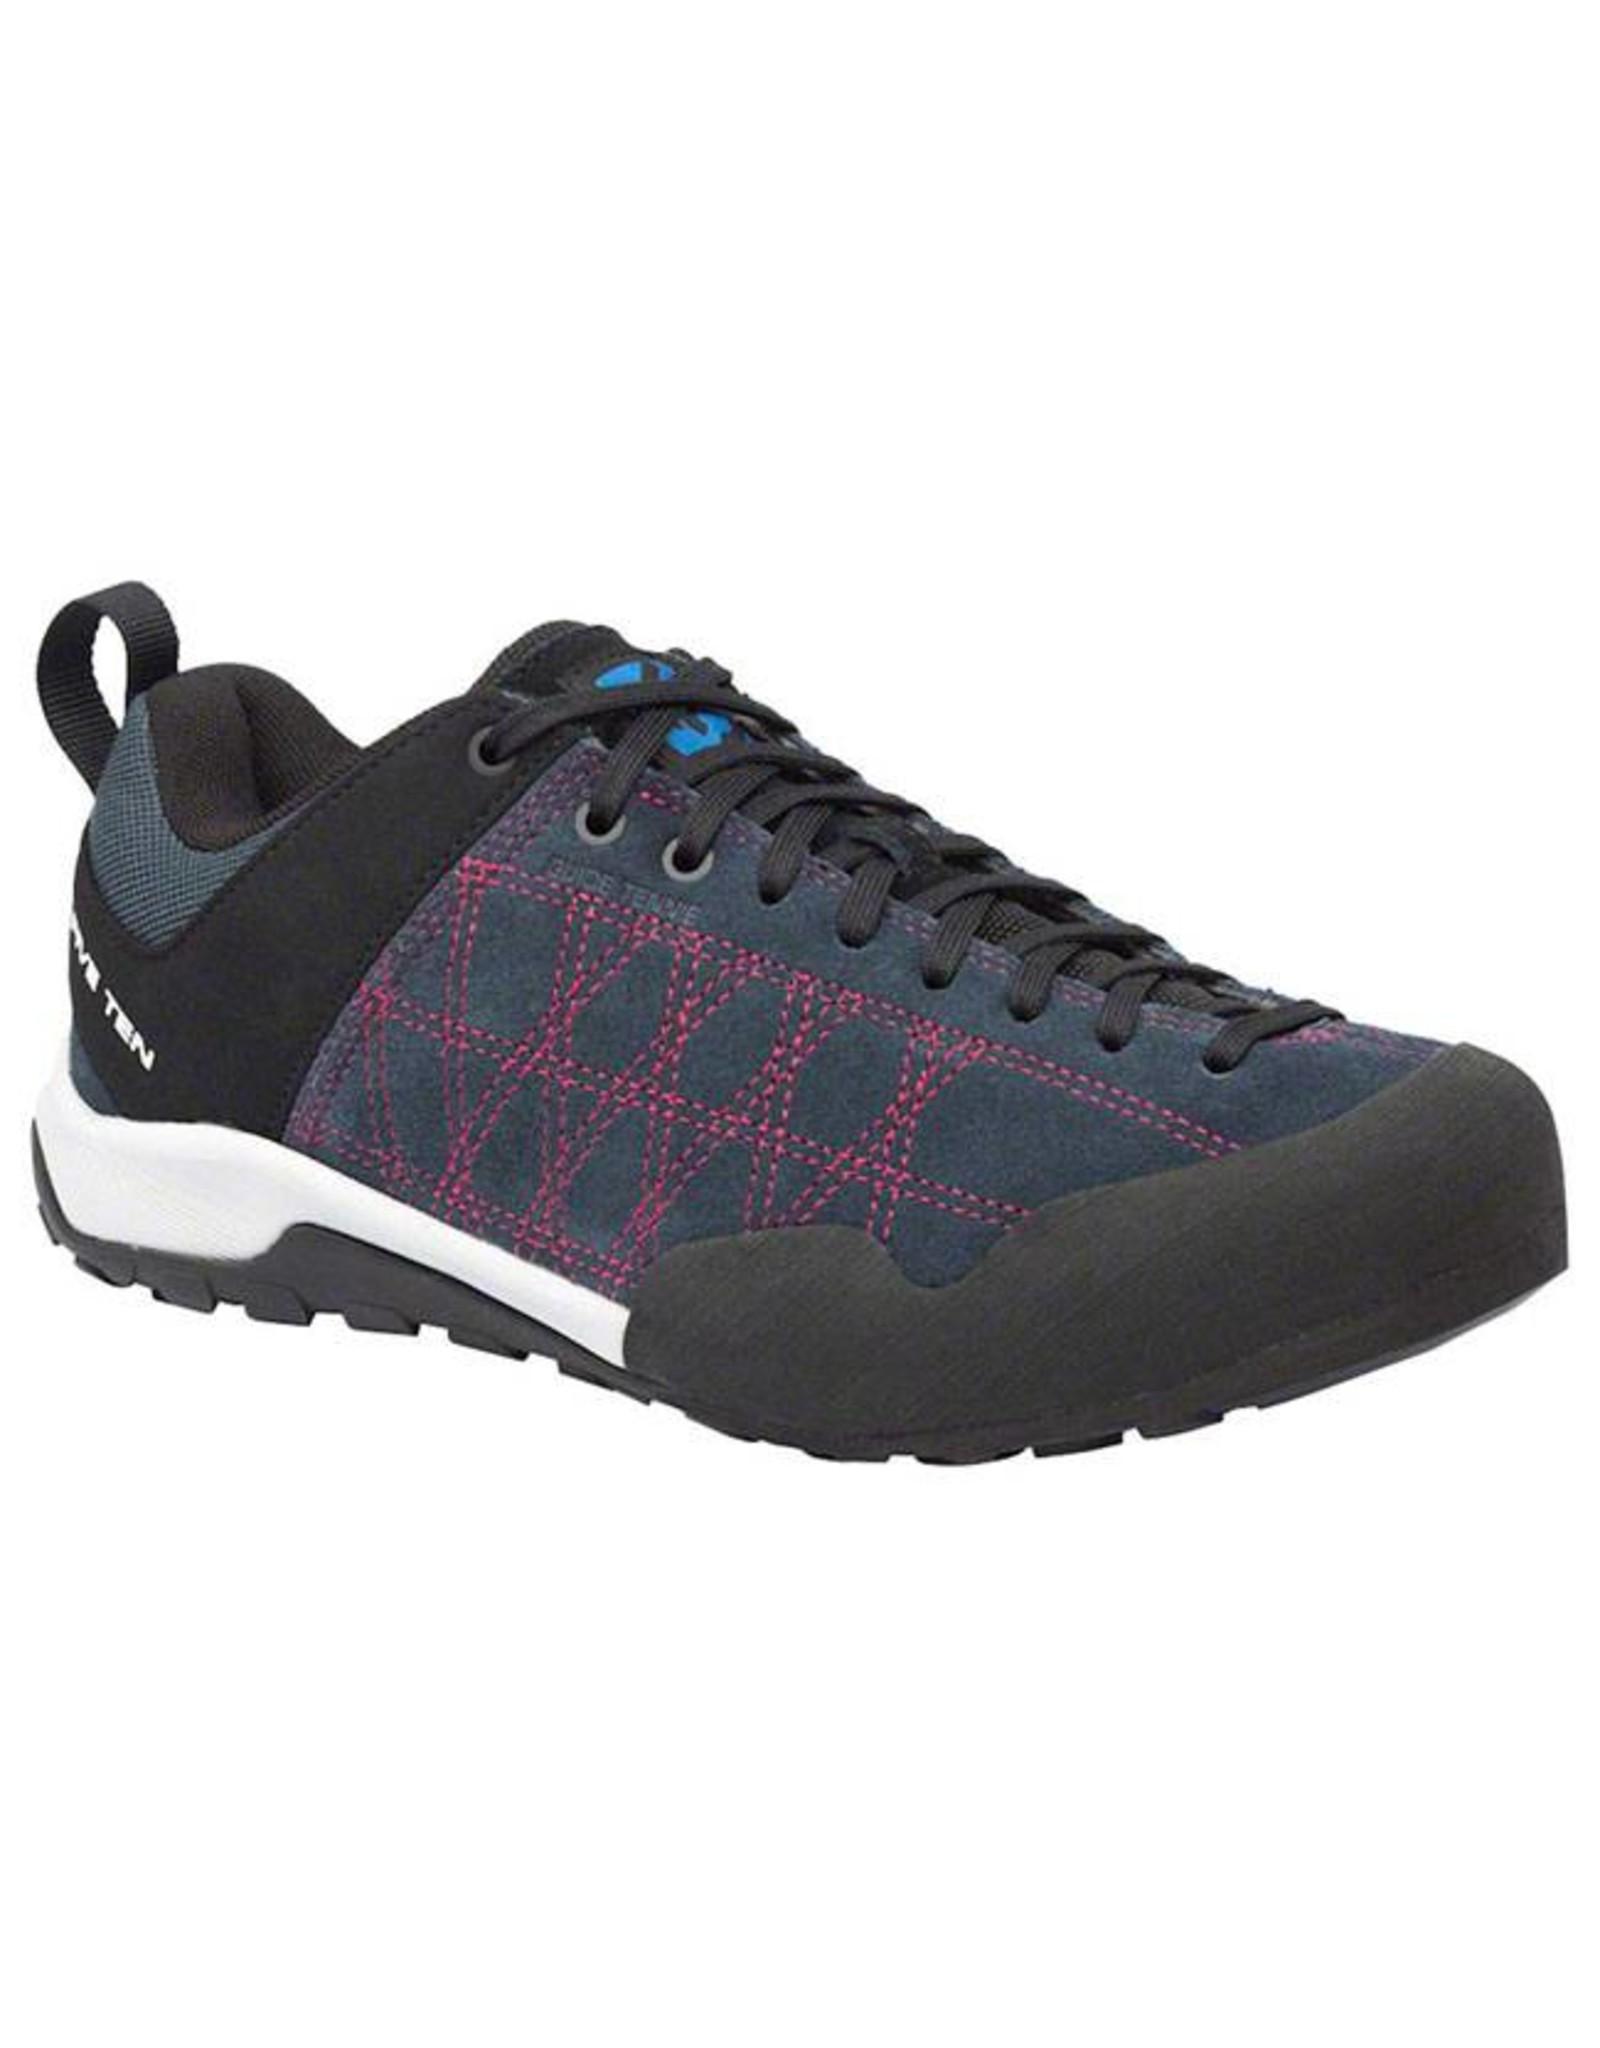 Five Ten Five Ten Guide Tennie Women's Approach Shoe: Gray/Fuchsia 8.5